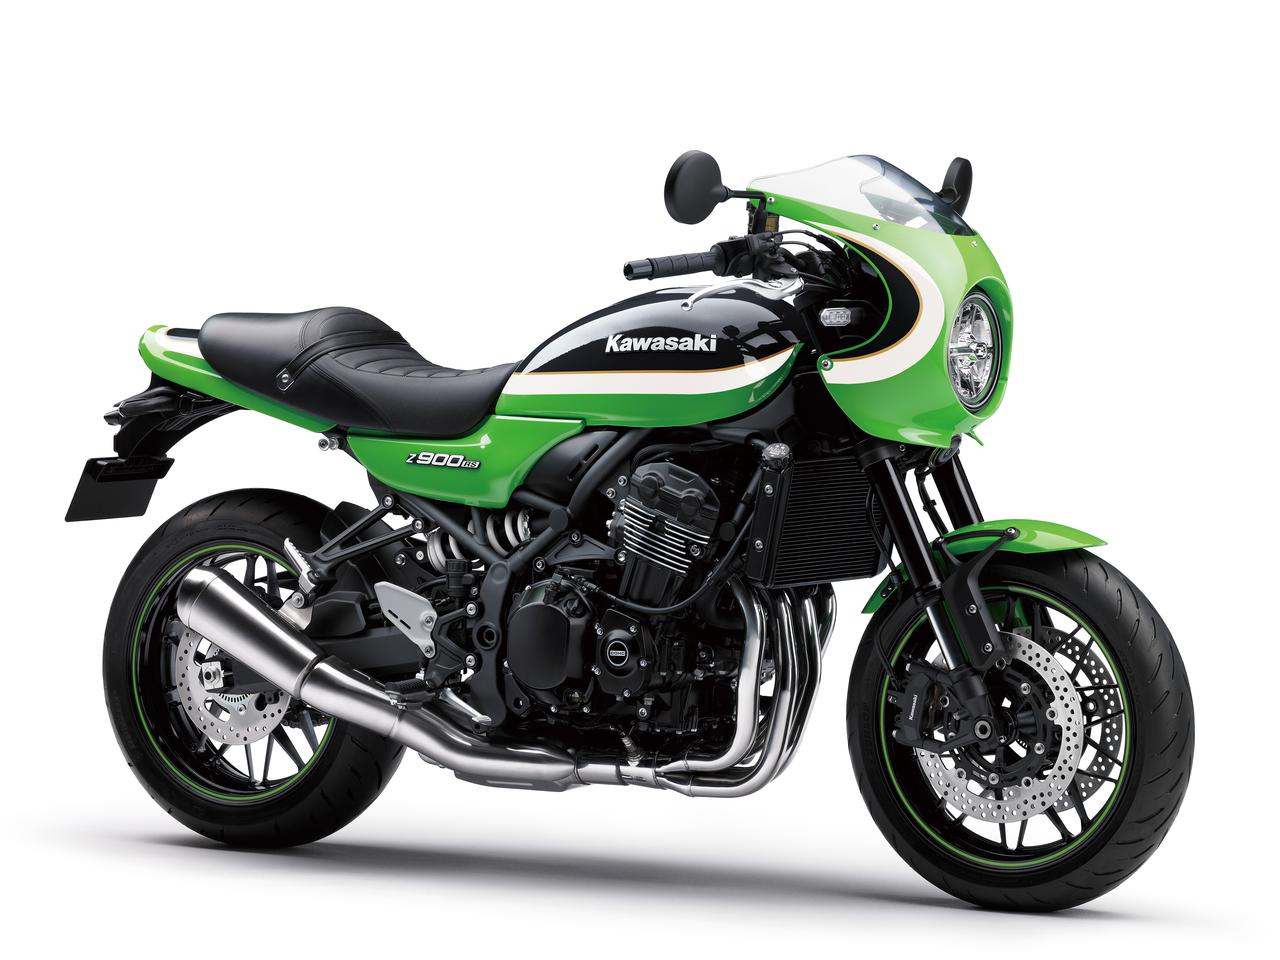 画像17: カワサキが「Z900RS CAFE」の新色を発売! Z900RSシリーズの2021年モデルと2020年モデルを比較してみよう【2021速報】